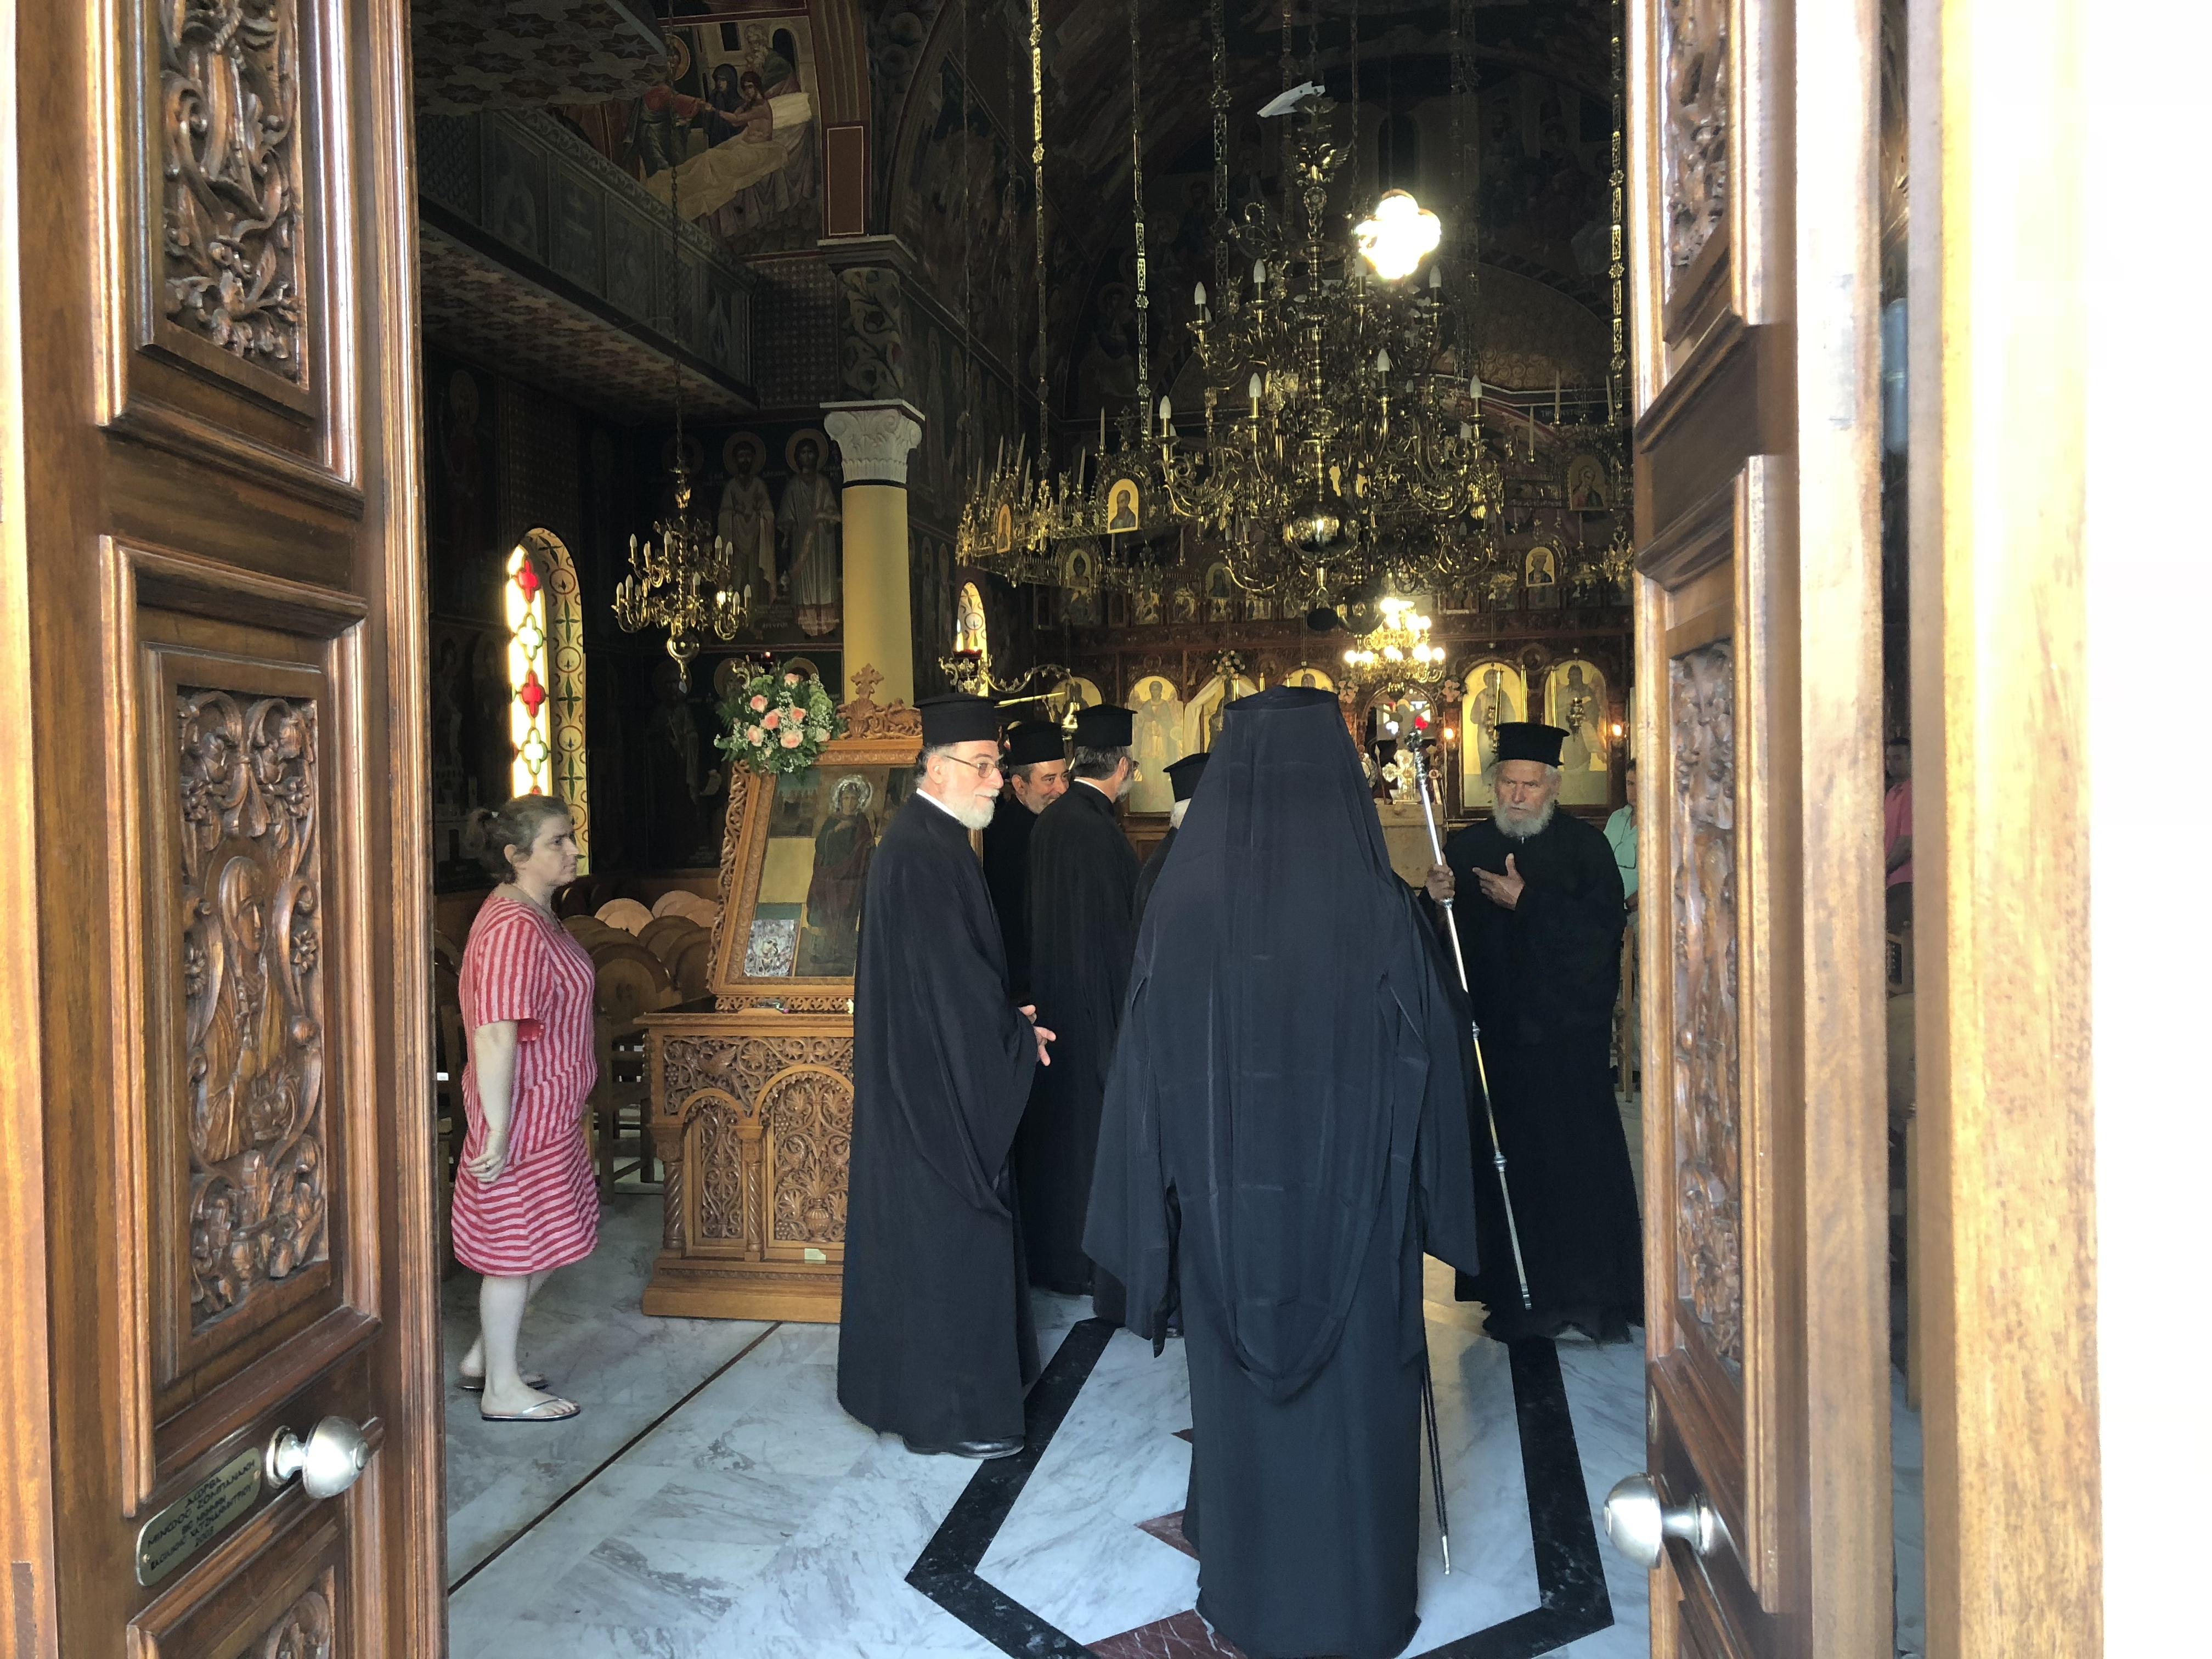 Ζωντανή σύνδεση με την Ενορία Αγίας Παρασκευής στις Καλύβες